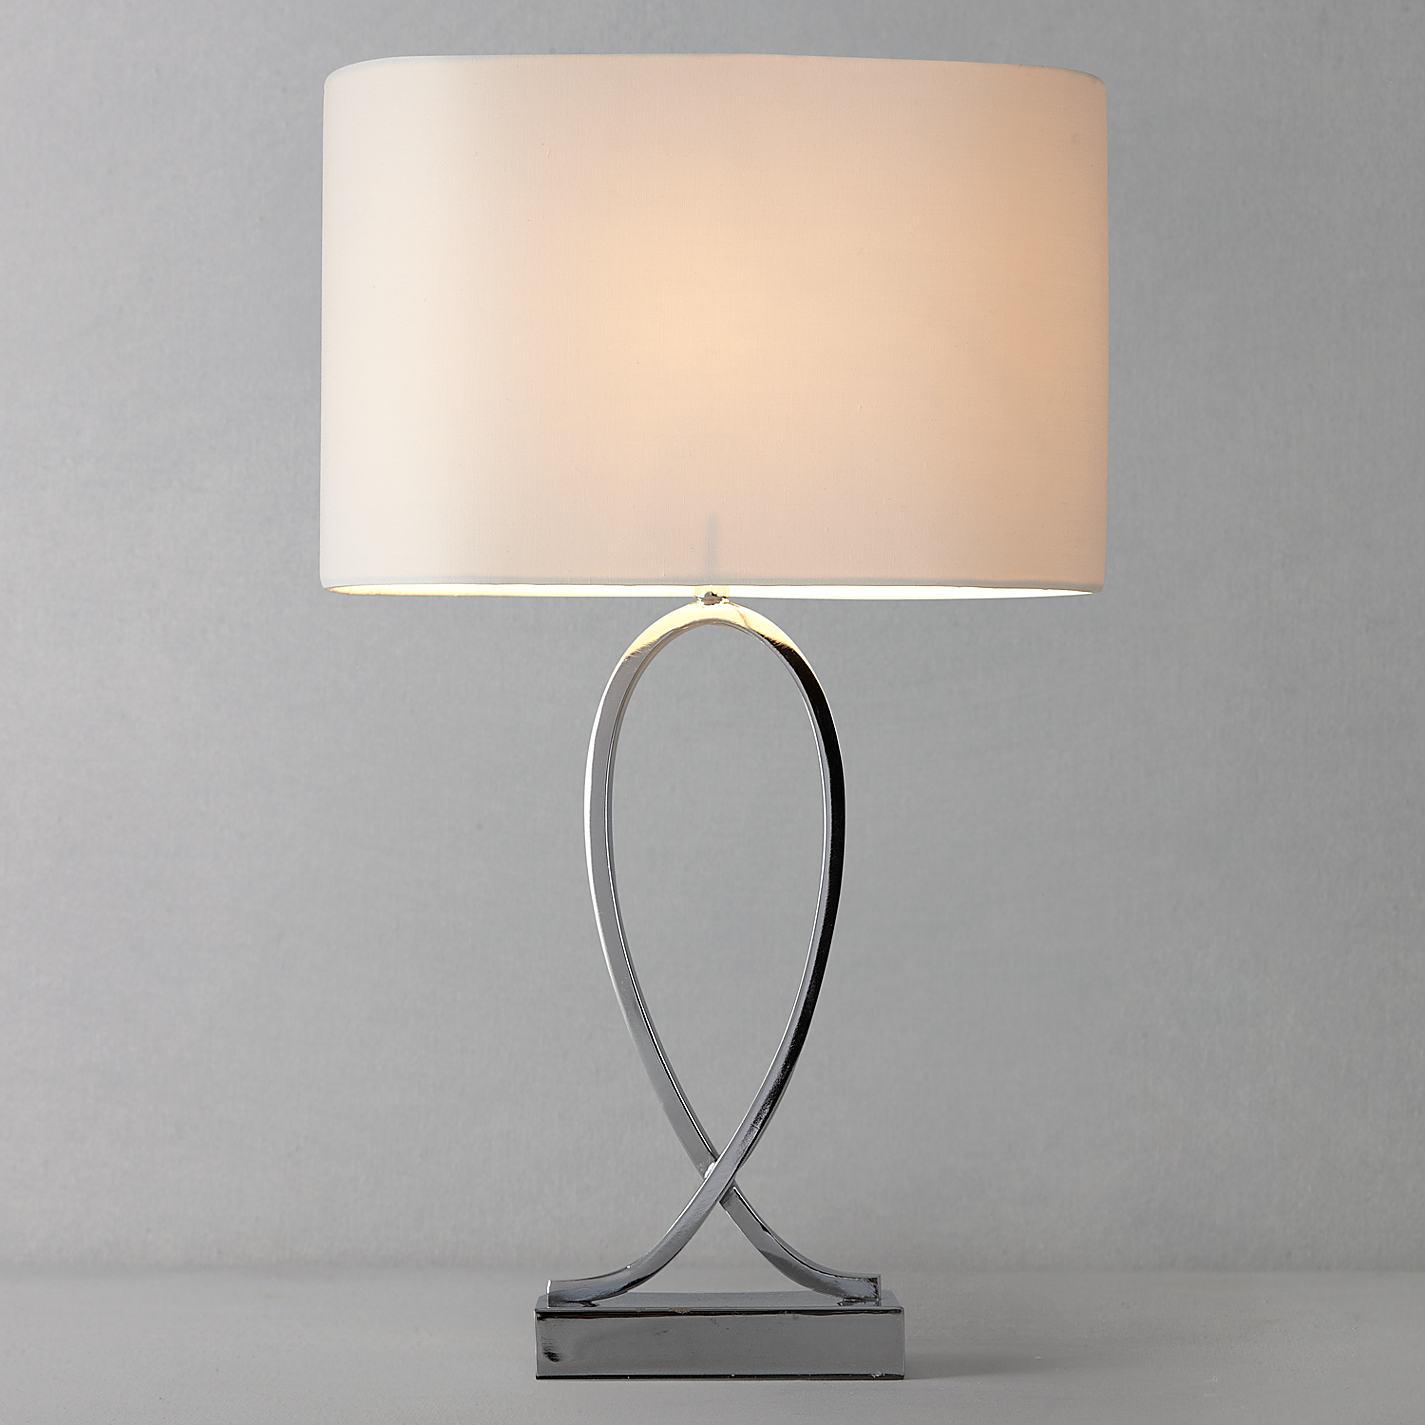 John Lewis Bedroom Lamps